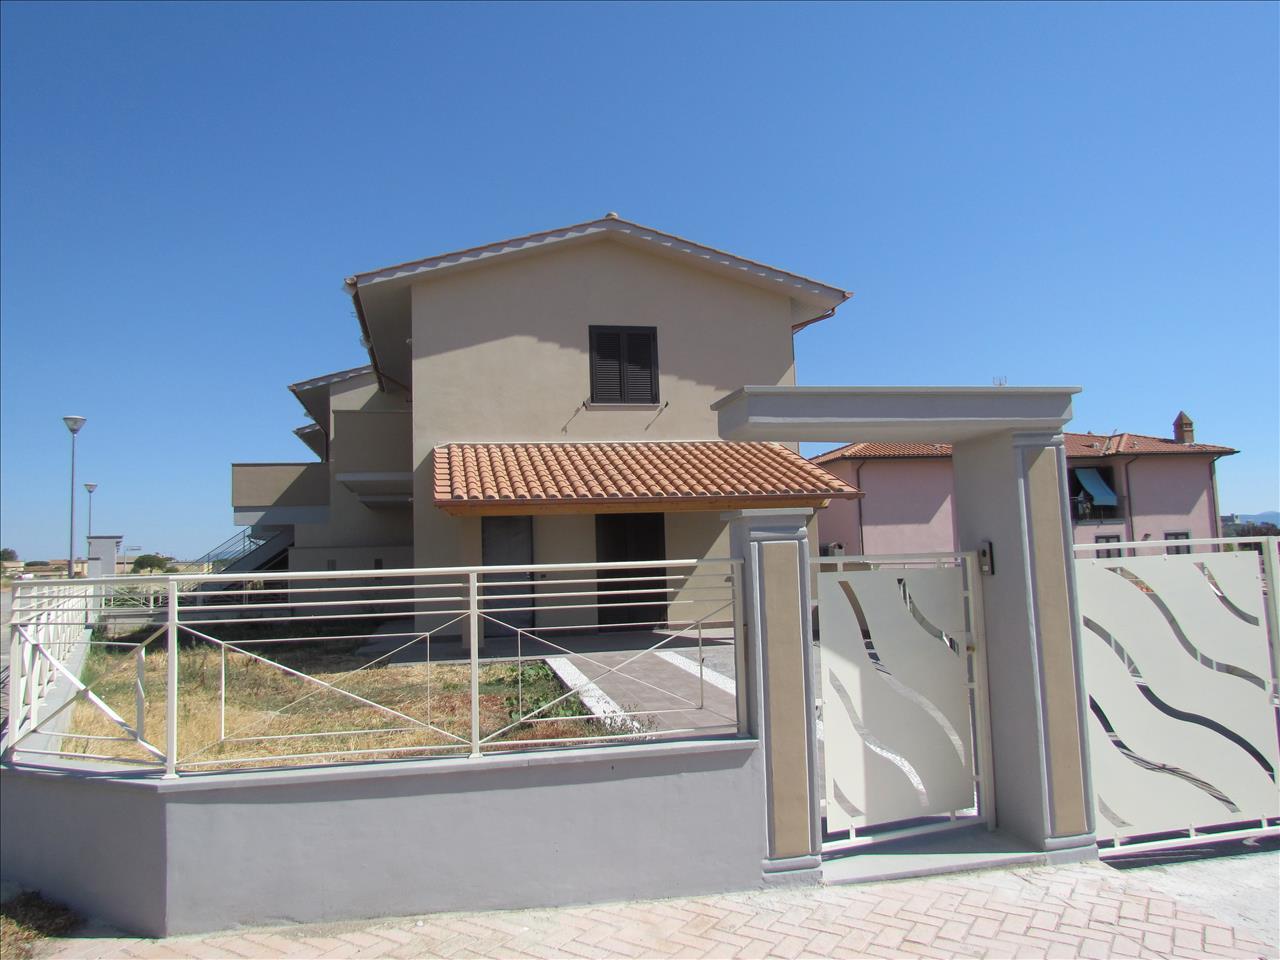 Annunci immobiliari inserzionista euroimmobiliare di sordi for 2 costo del garage indipendente